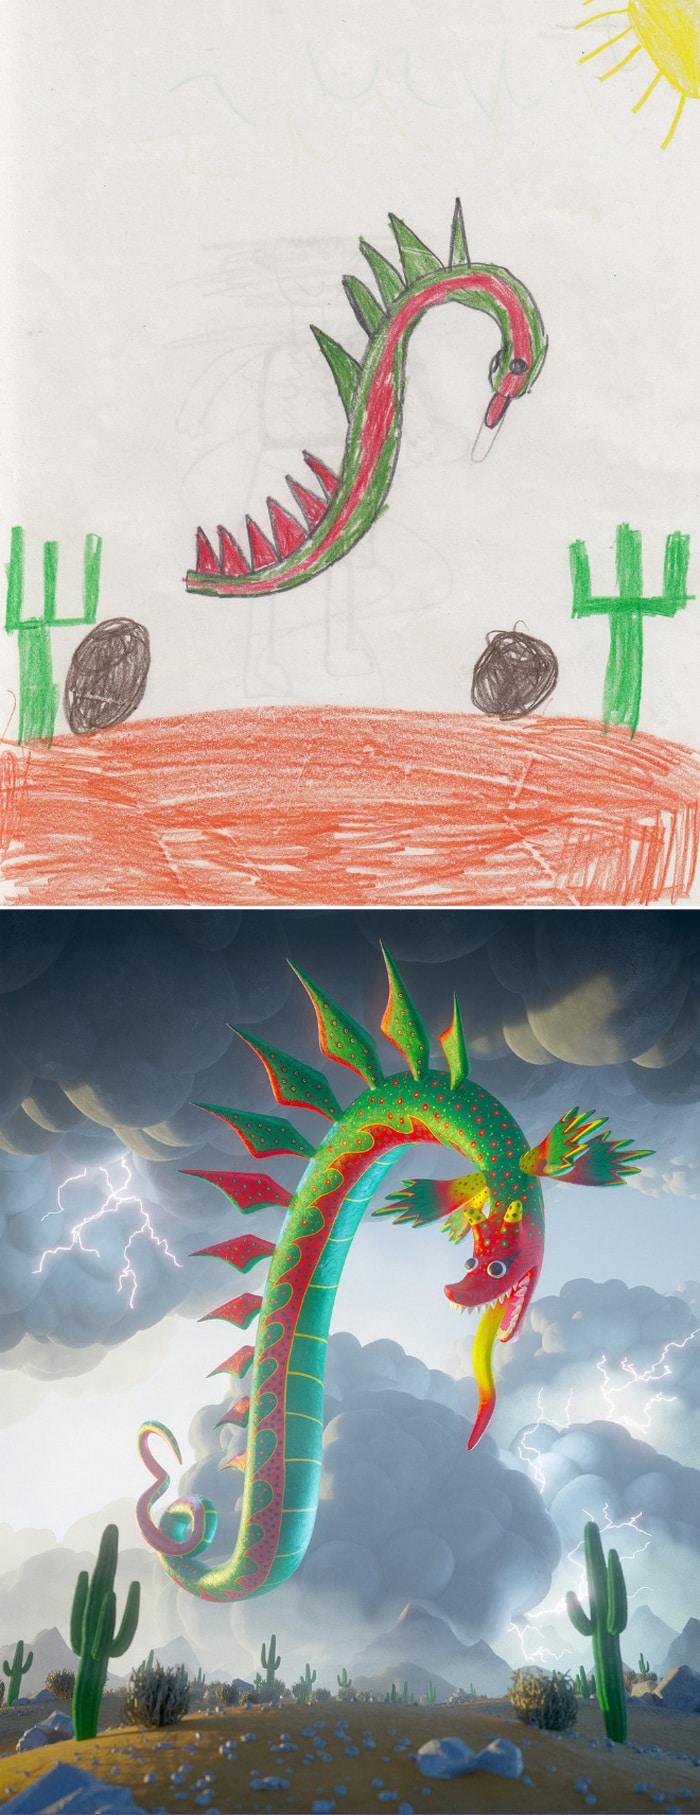 Projeto Monstro - Crianças desenham monstros e artistas recriam com sua arte 2